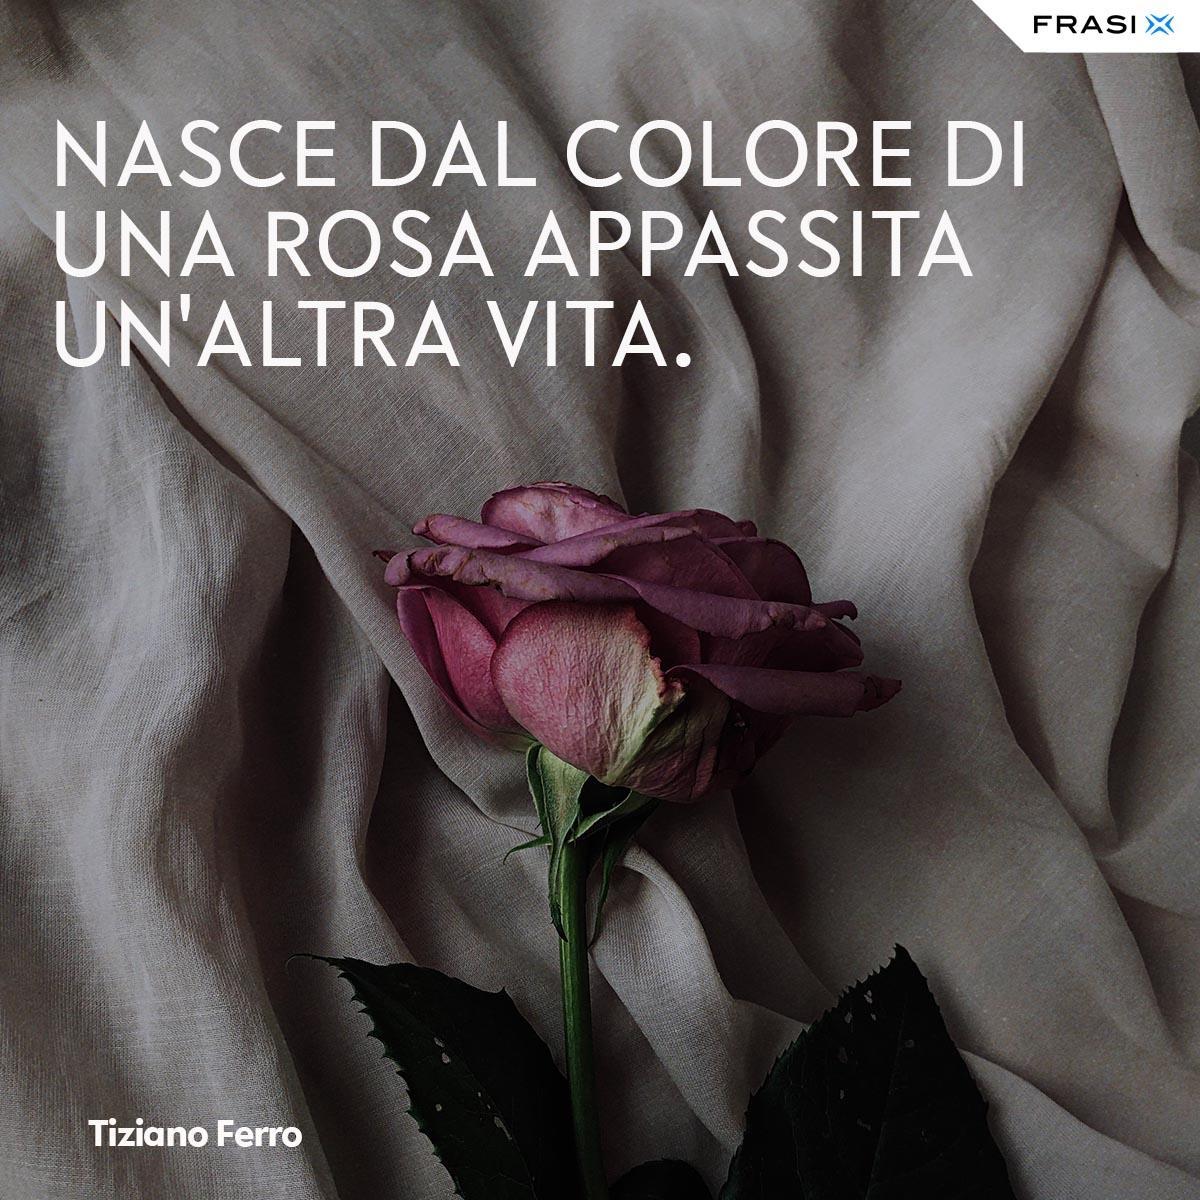 Frasi tumblr Tiziano Ferro